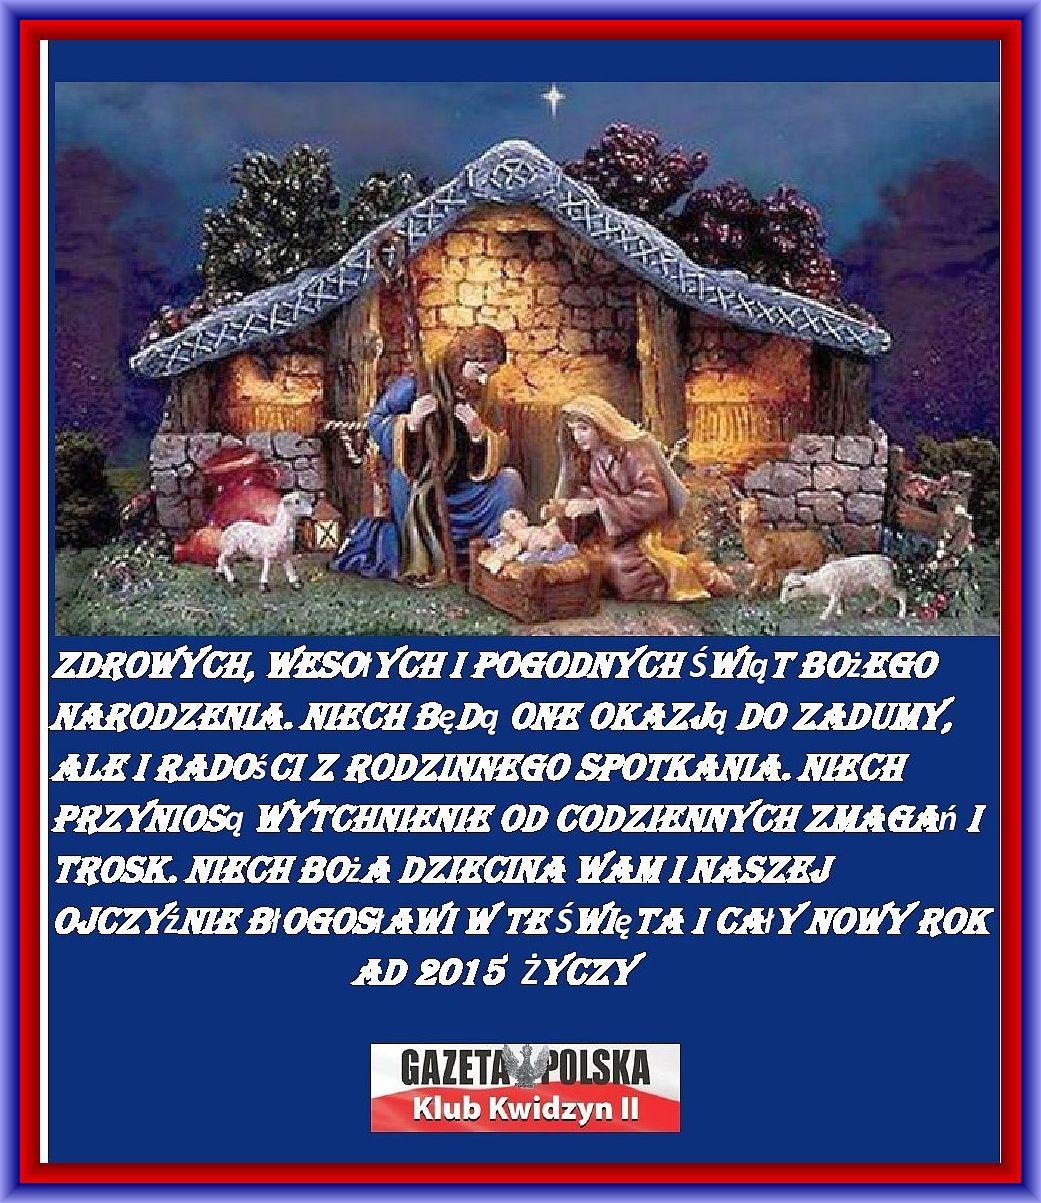 KwidzynII - zyczenia 2014